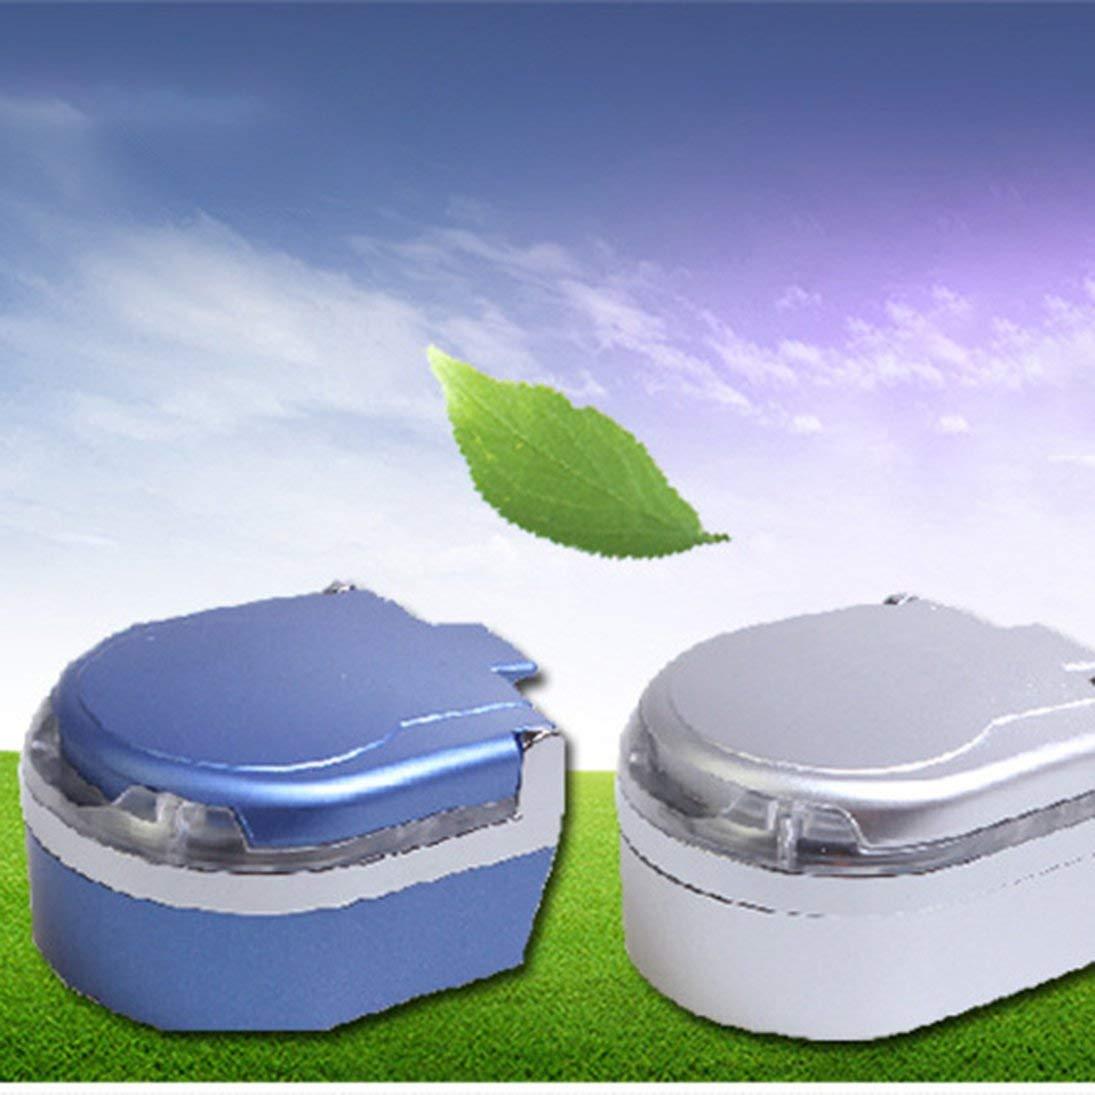 Posacenere Portatile per Sigarette Posacenere Senza Fumo Accessori per Accessori con Nastro a LED